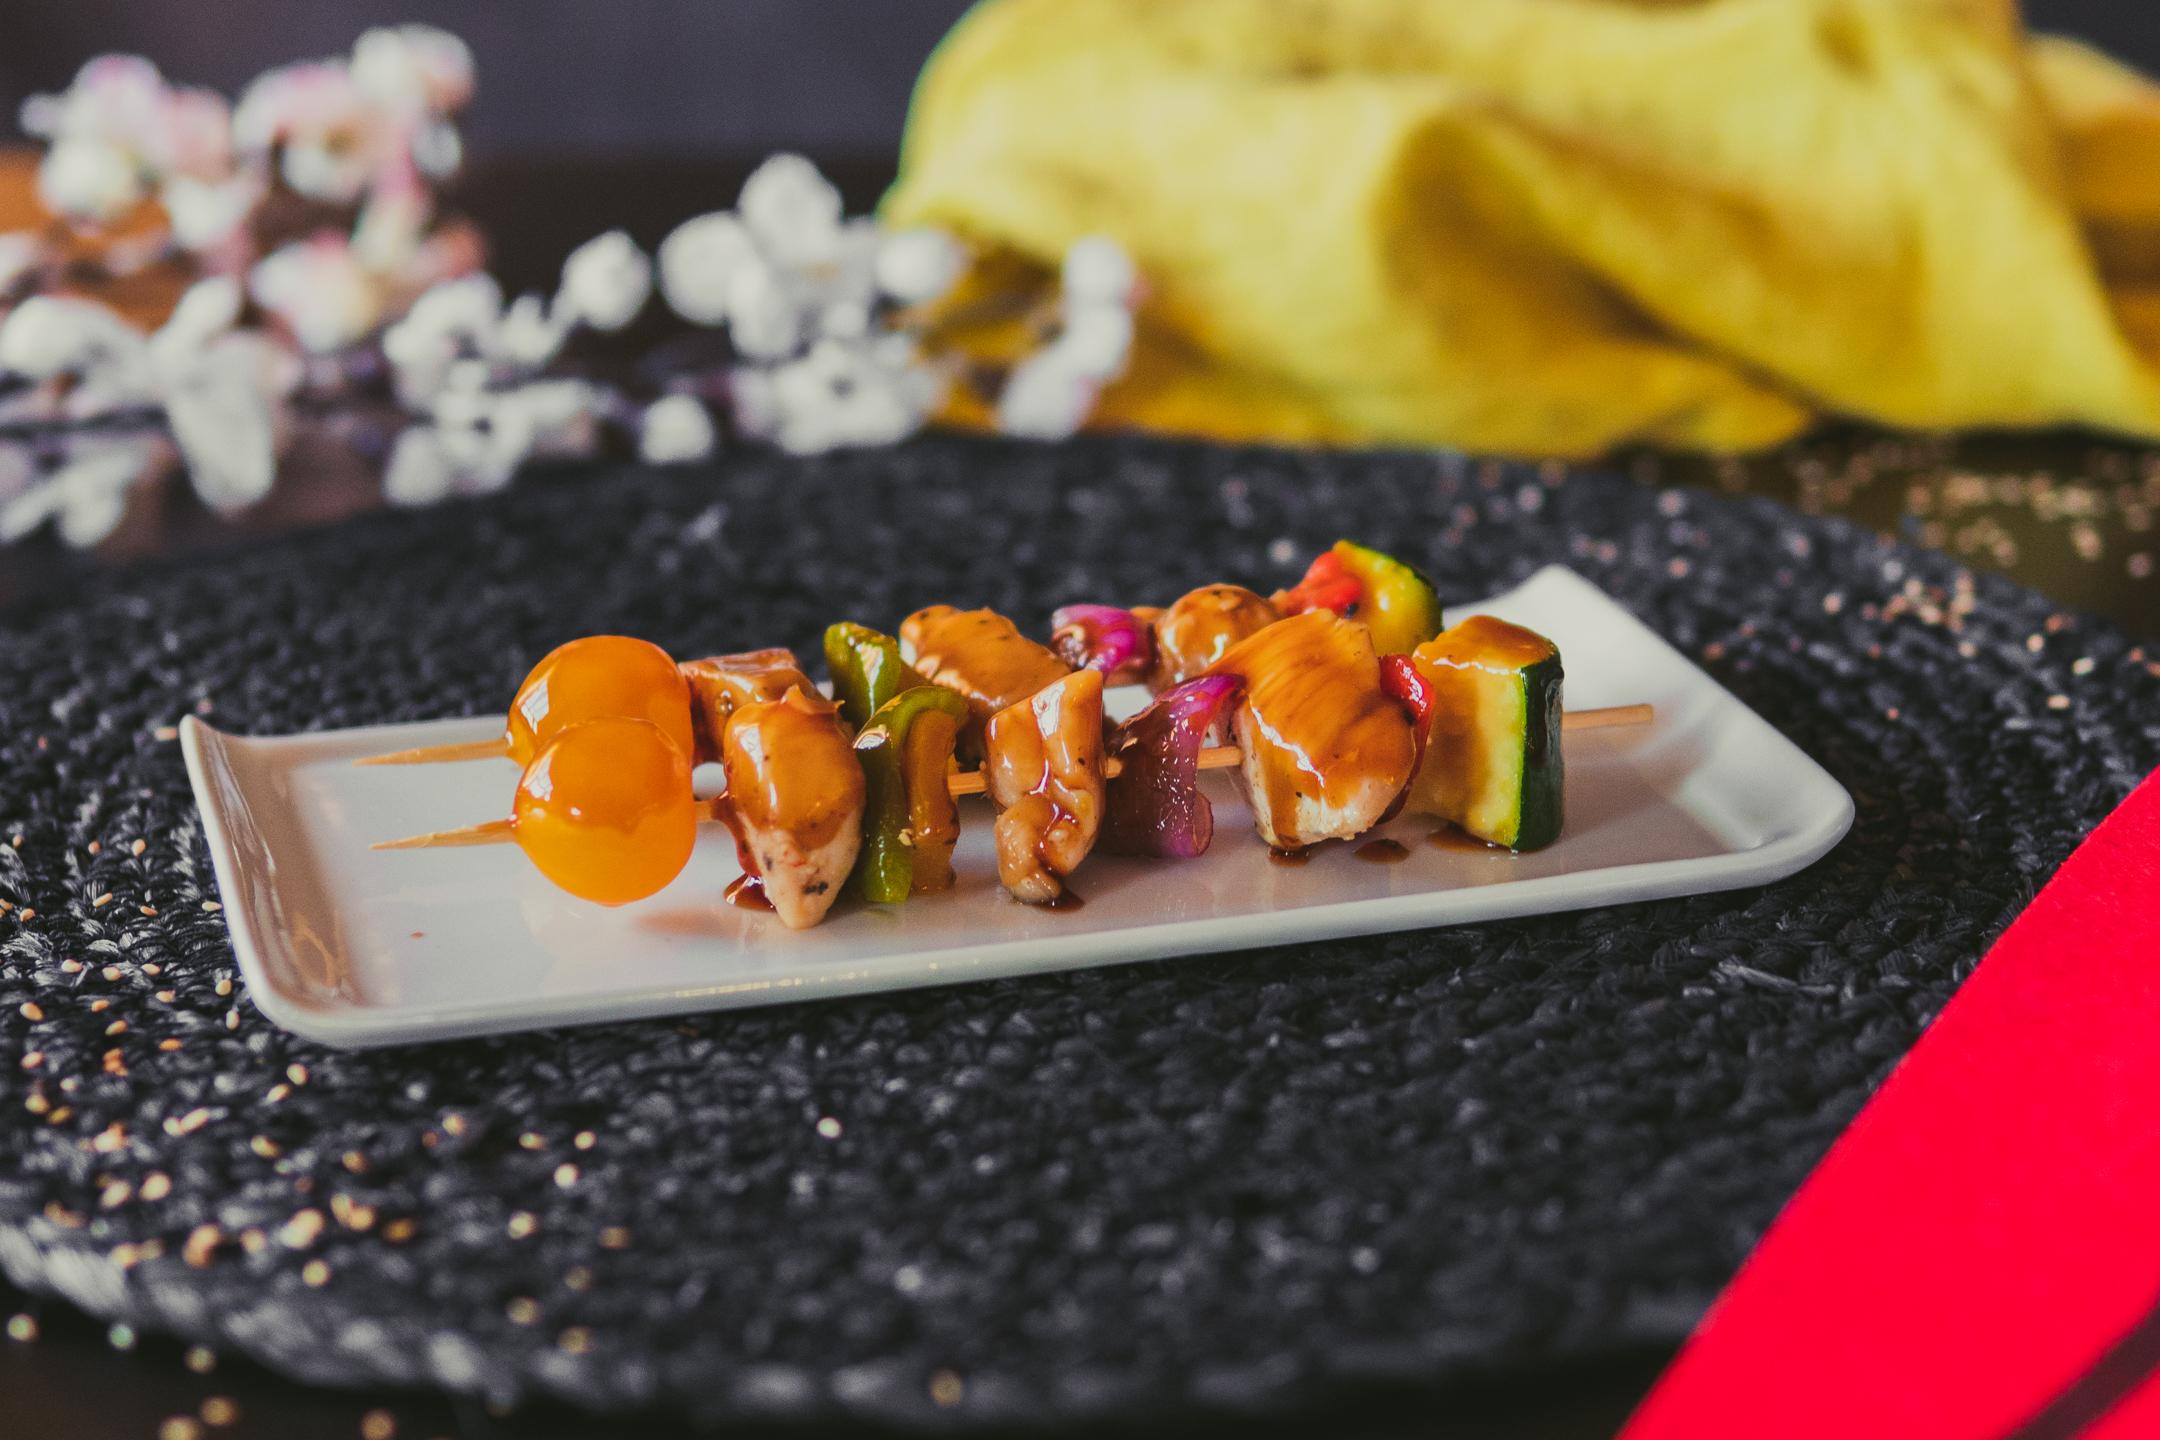 Menú Komokio - Brochetas de pollo teriyaki - Komo, cocina gourmet en tu casa